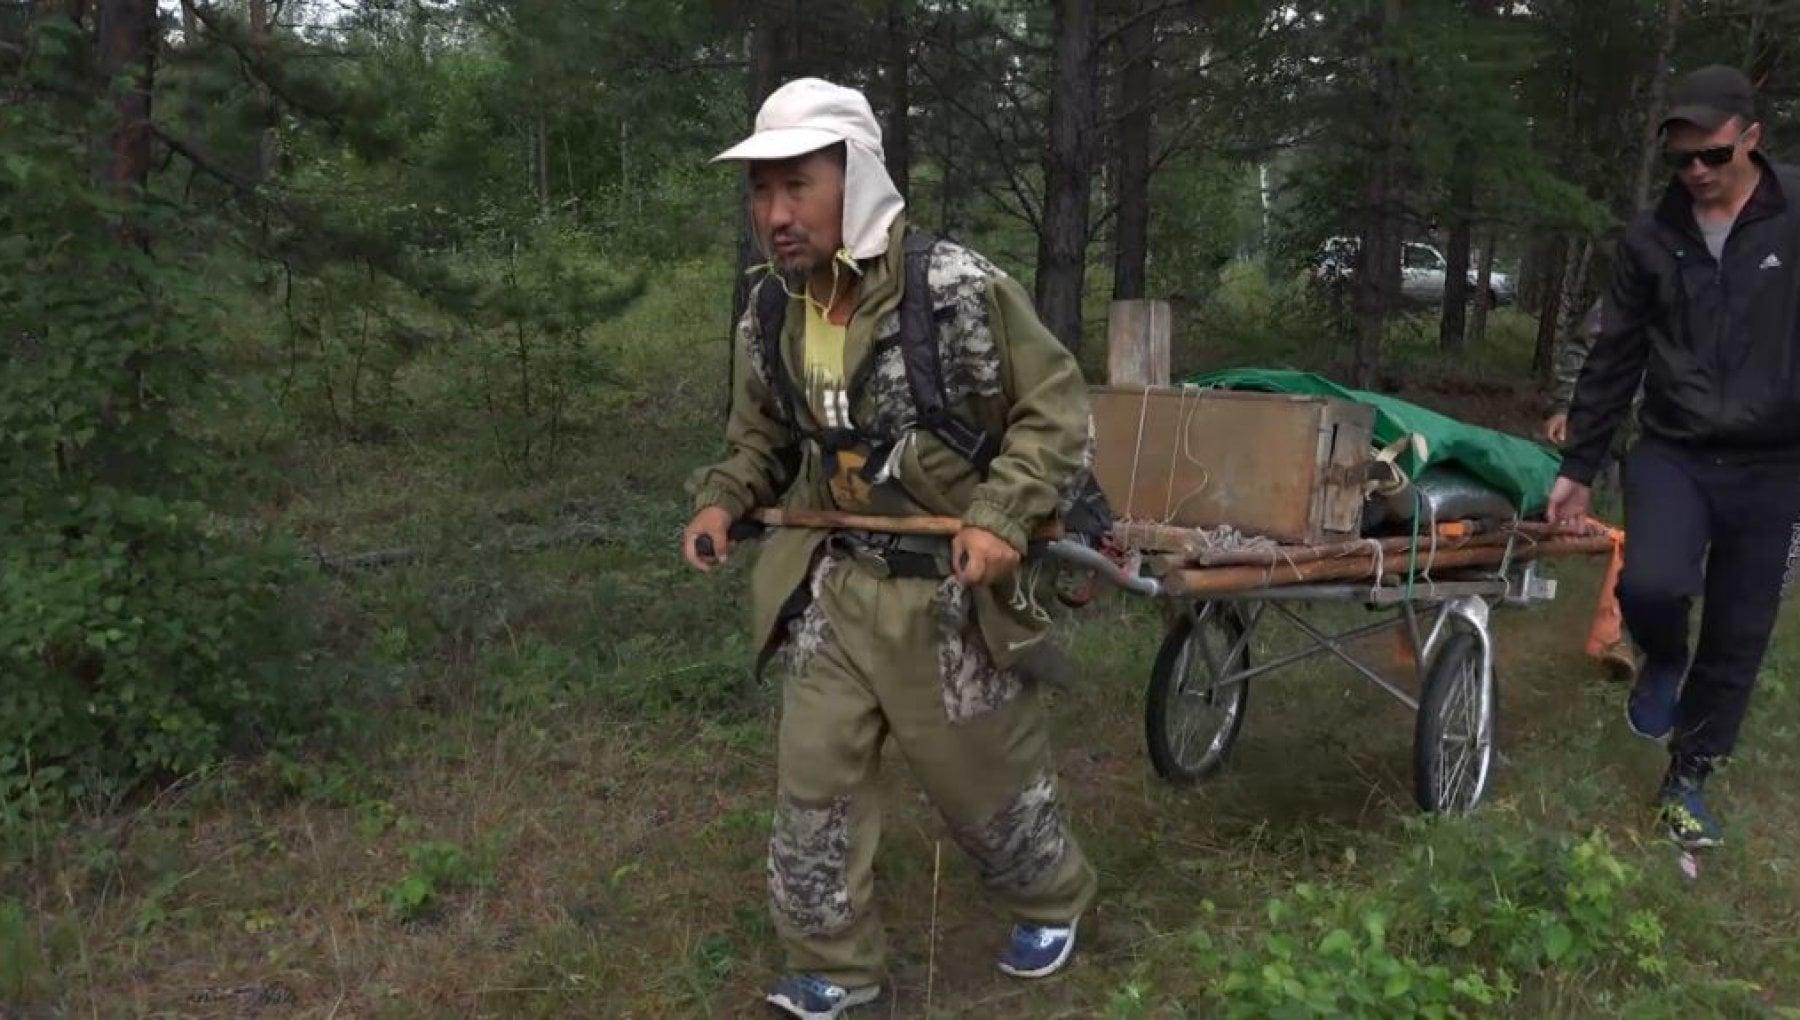 174842461 98d70bb6 6261 4a98 9fc2 08b081be15e4 - Russia, lo sciamano, il blogger e l'attivista: le nuove vittime dei ricoveri forzati